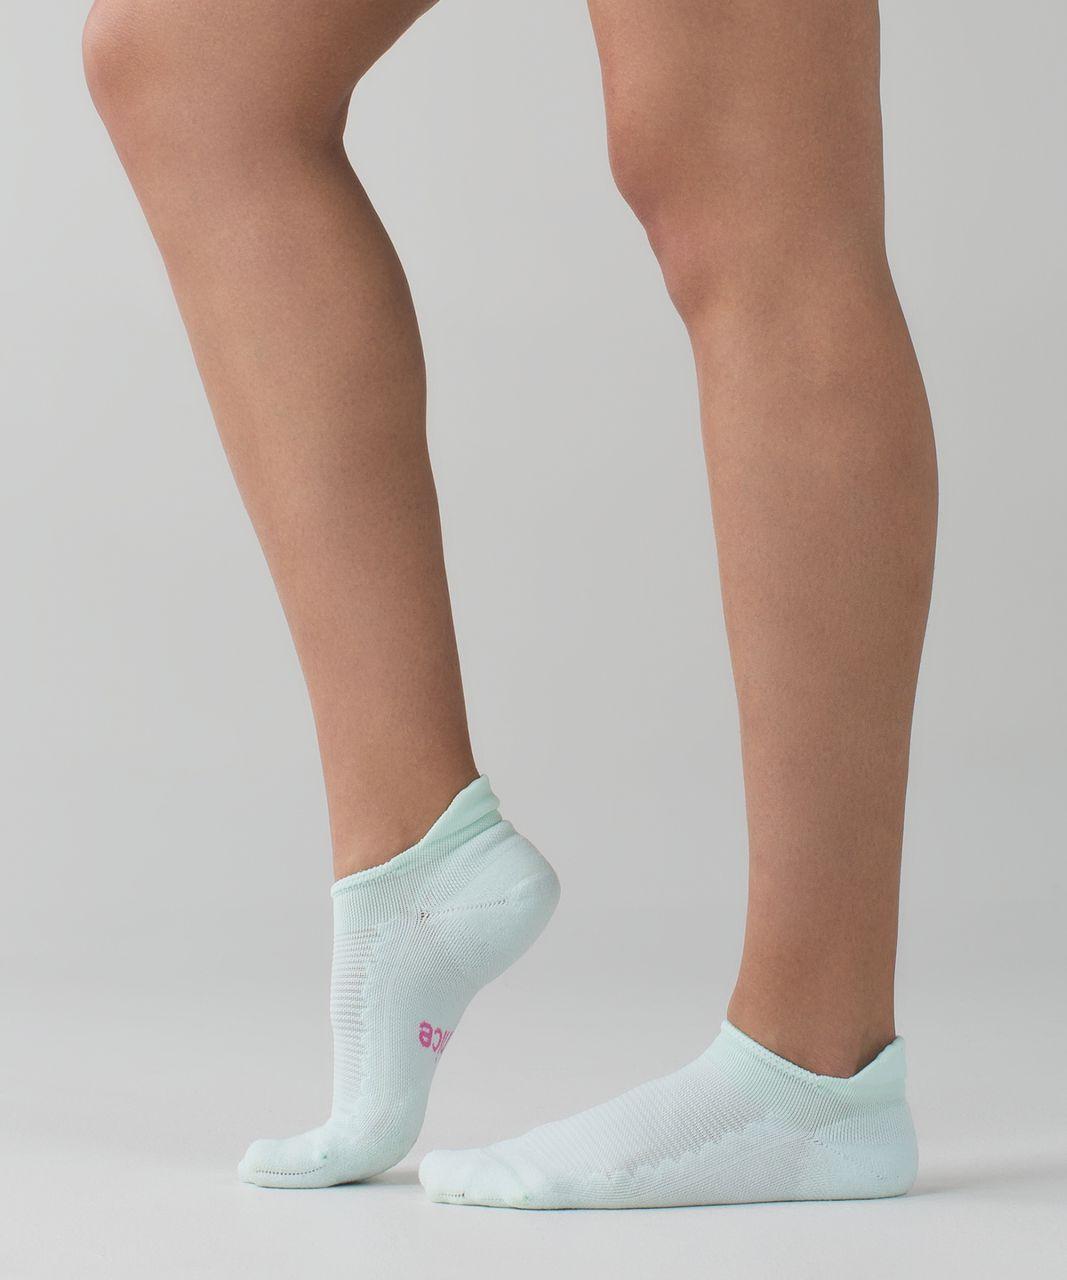 Lululemon Heels High Studio Sock - Sea Mist / Pink Paradise